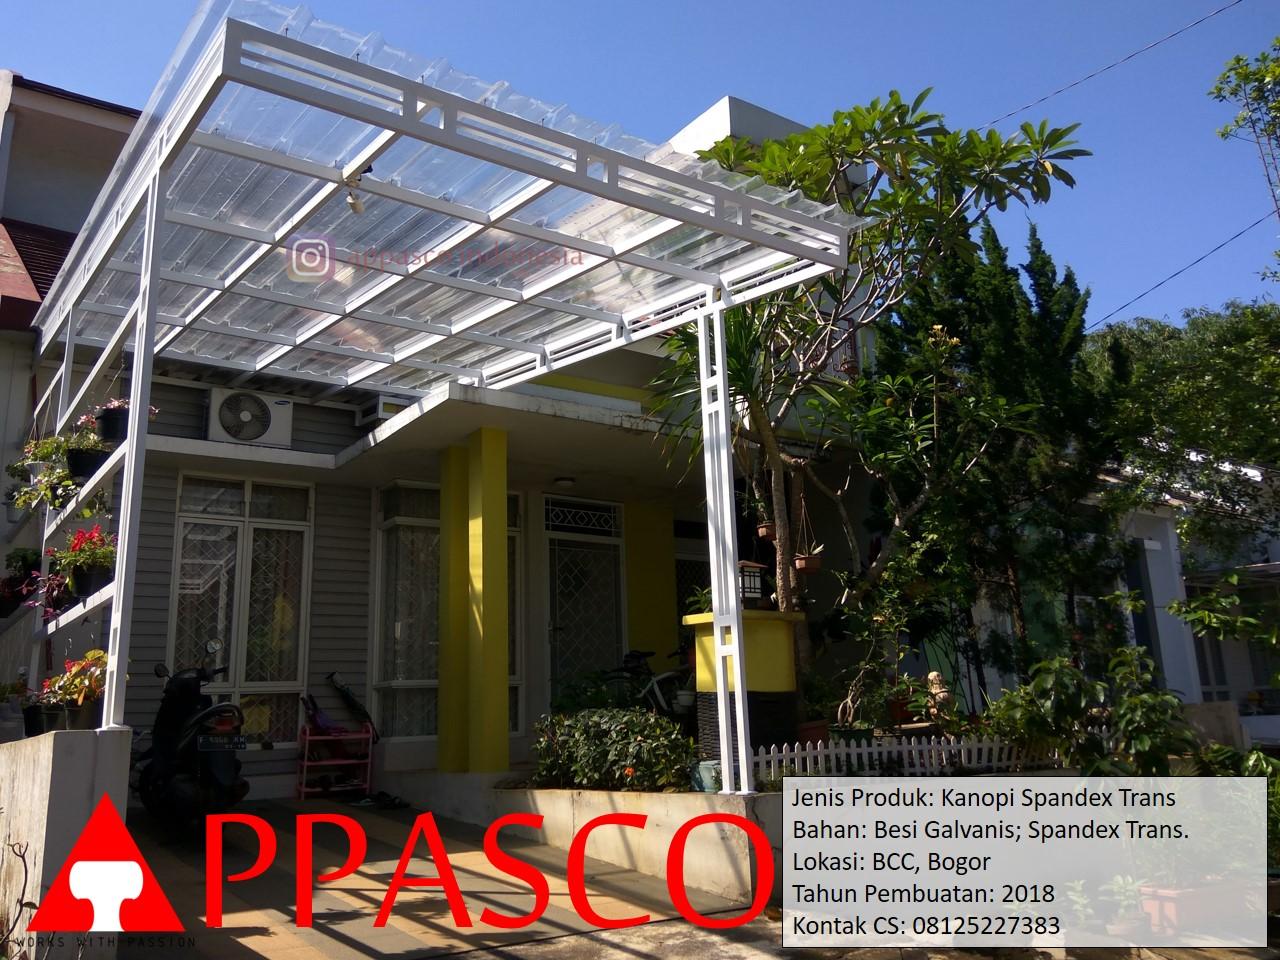 Kanopi Spandek Transparan Putih Besi Galvanis di BCC Bogor